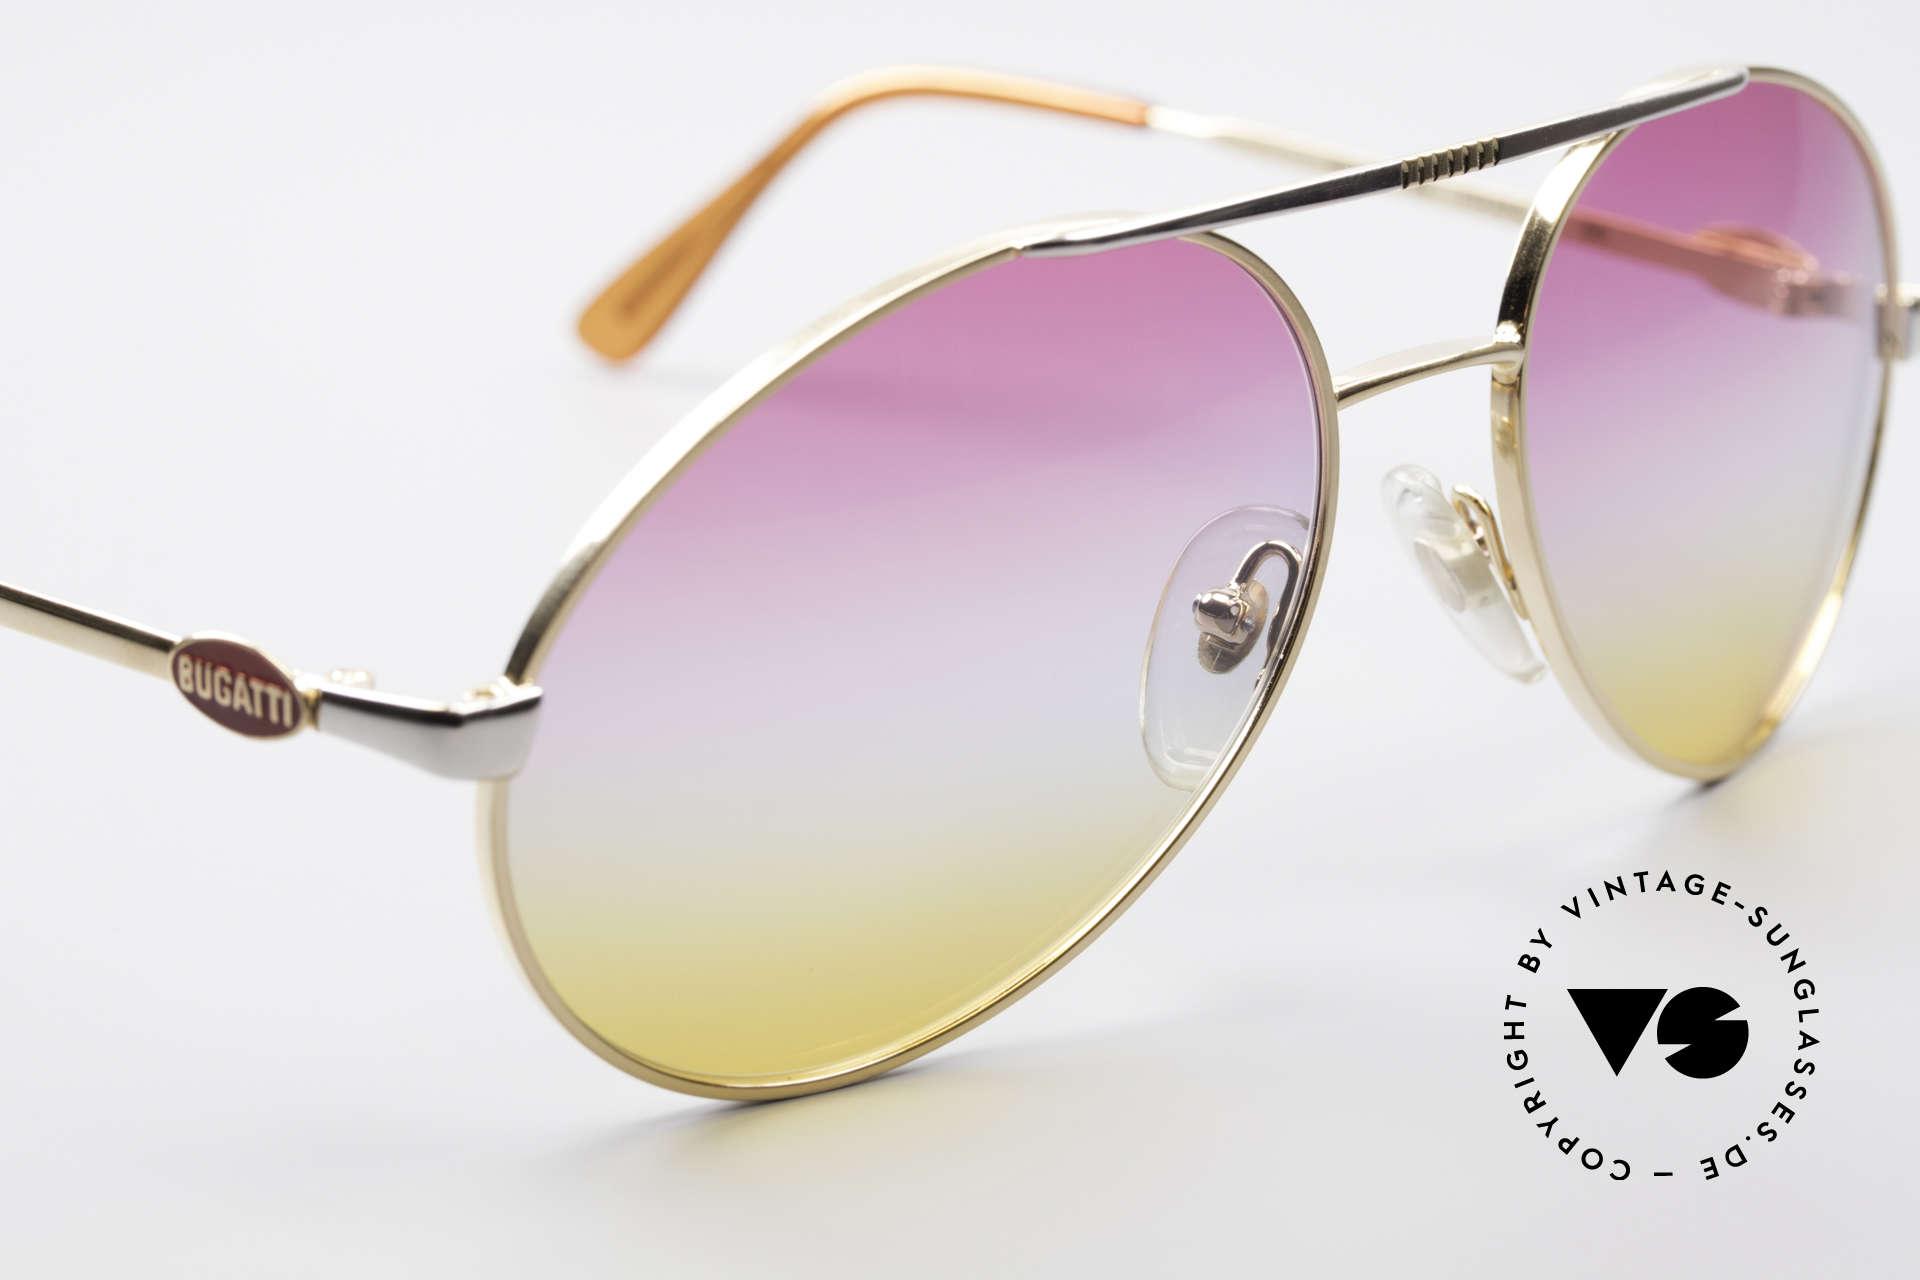 Bugatti 64320 Rare 80's Sunglasses Vintage, NO RETRO shades, but an old original frame!, Made for Men